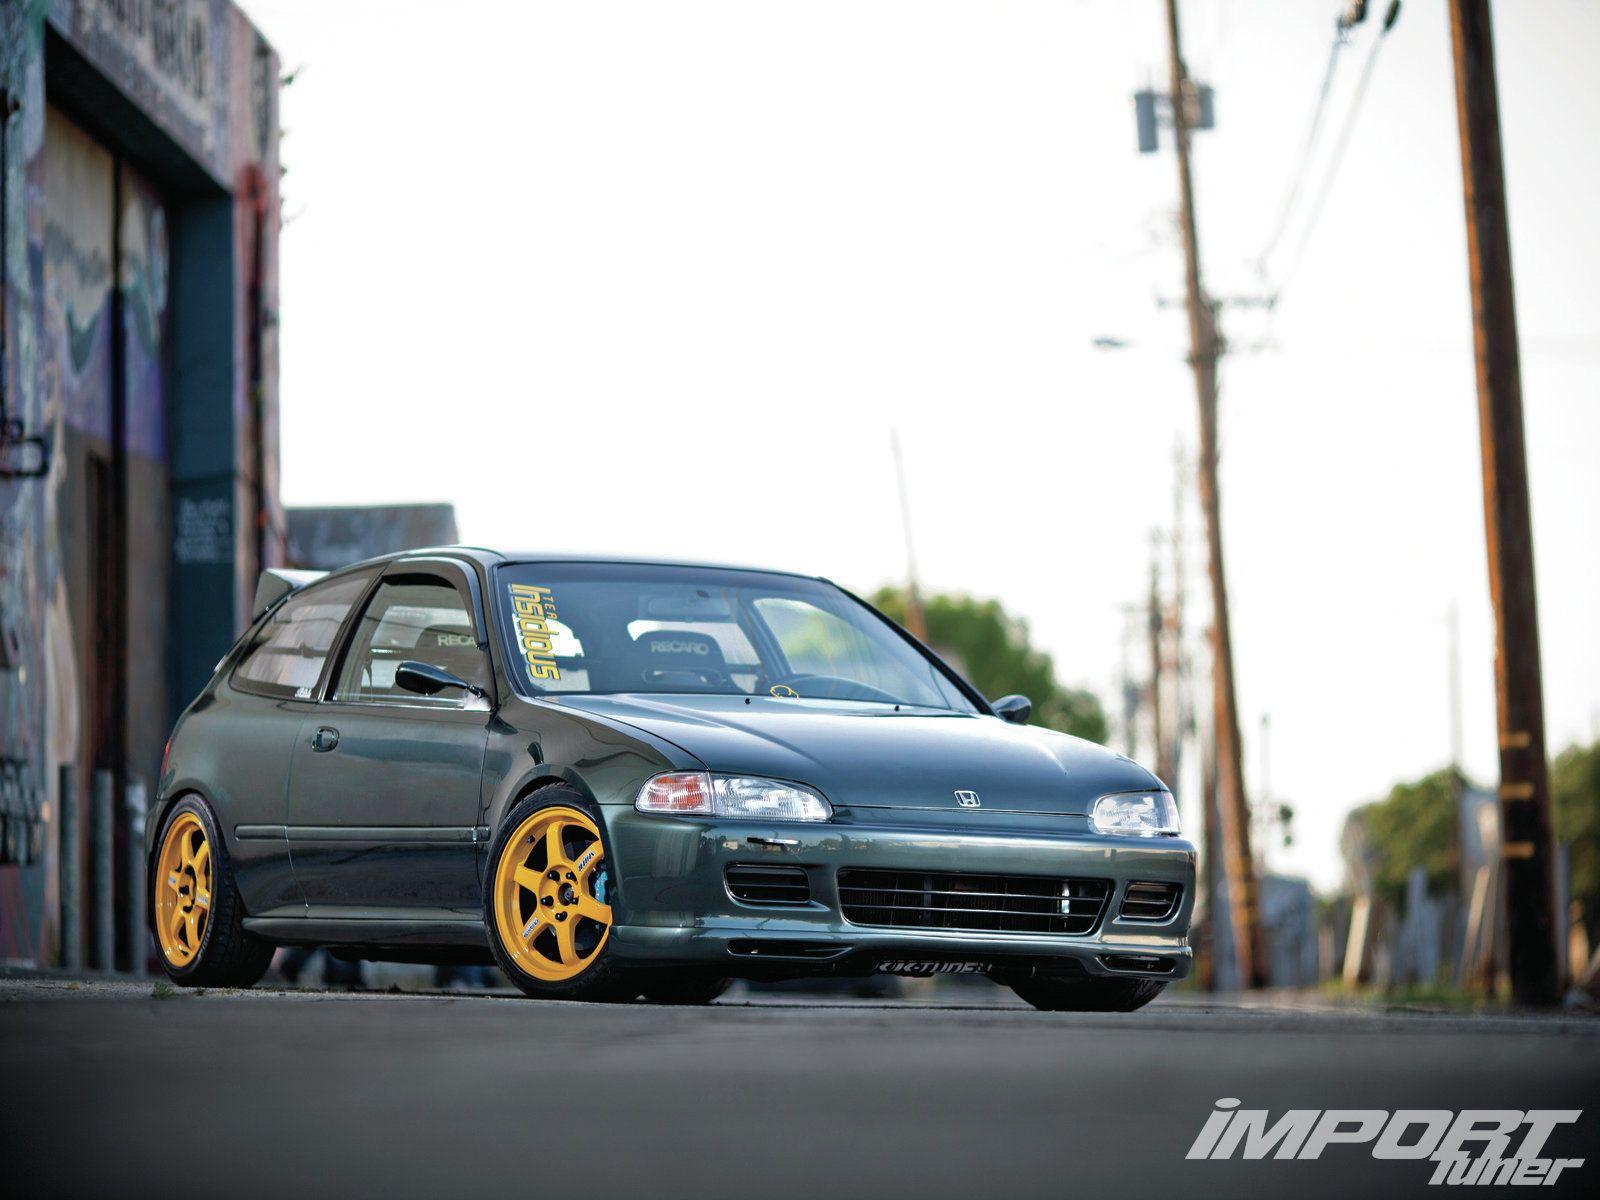 1994 Honda Civic With Gold Wheels Honda Civic Honda Civic Hatchback Civic Eg